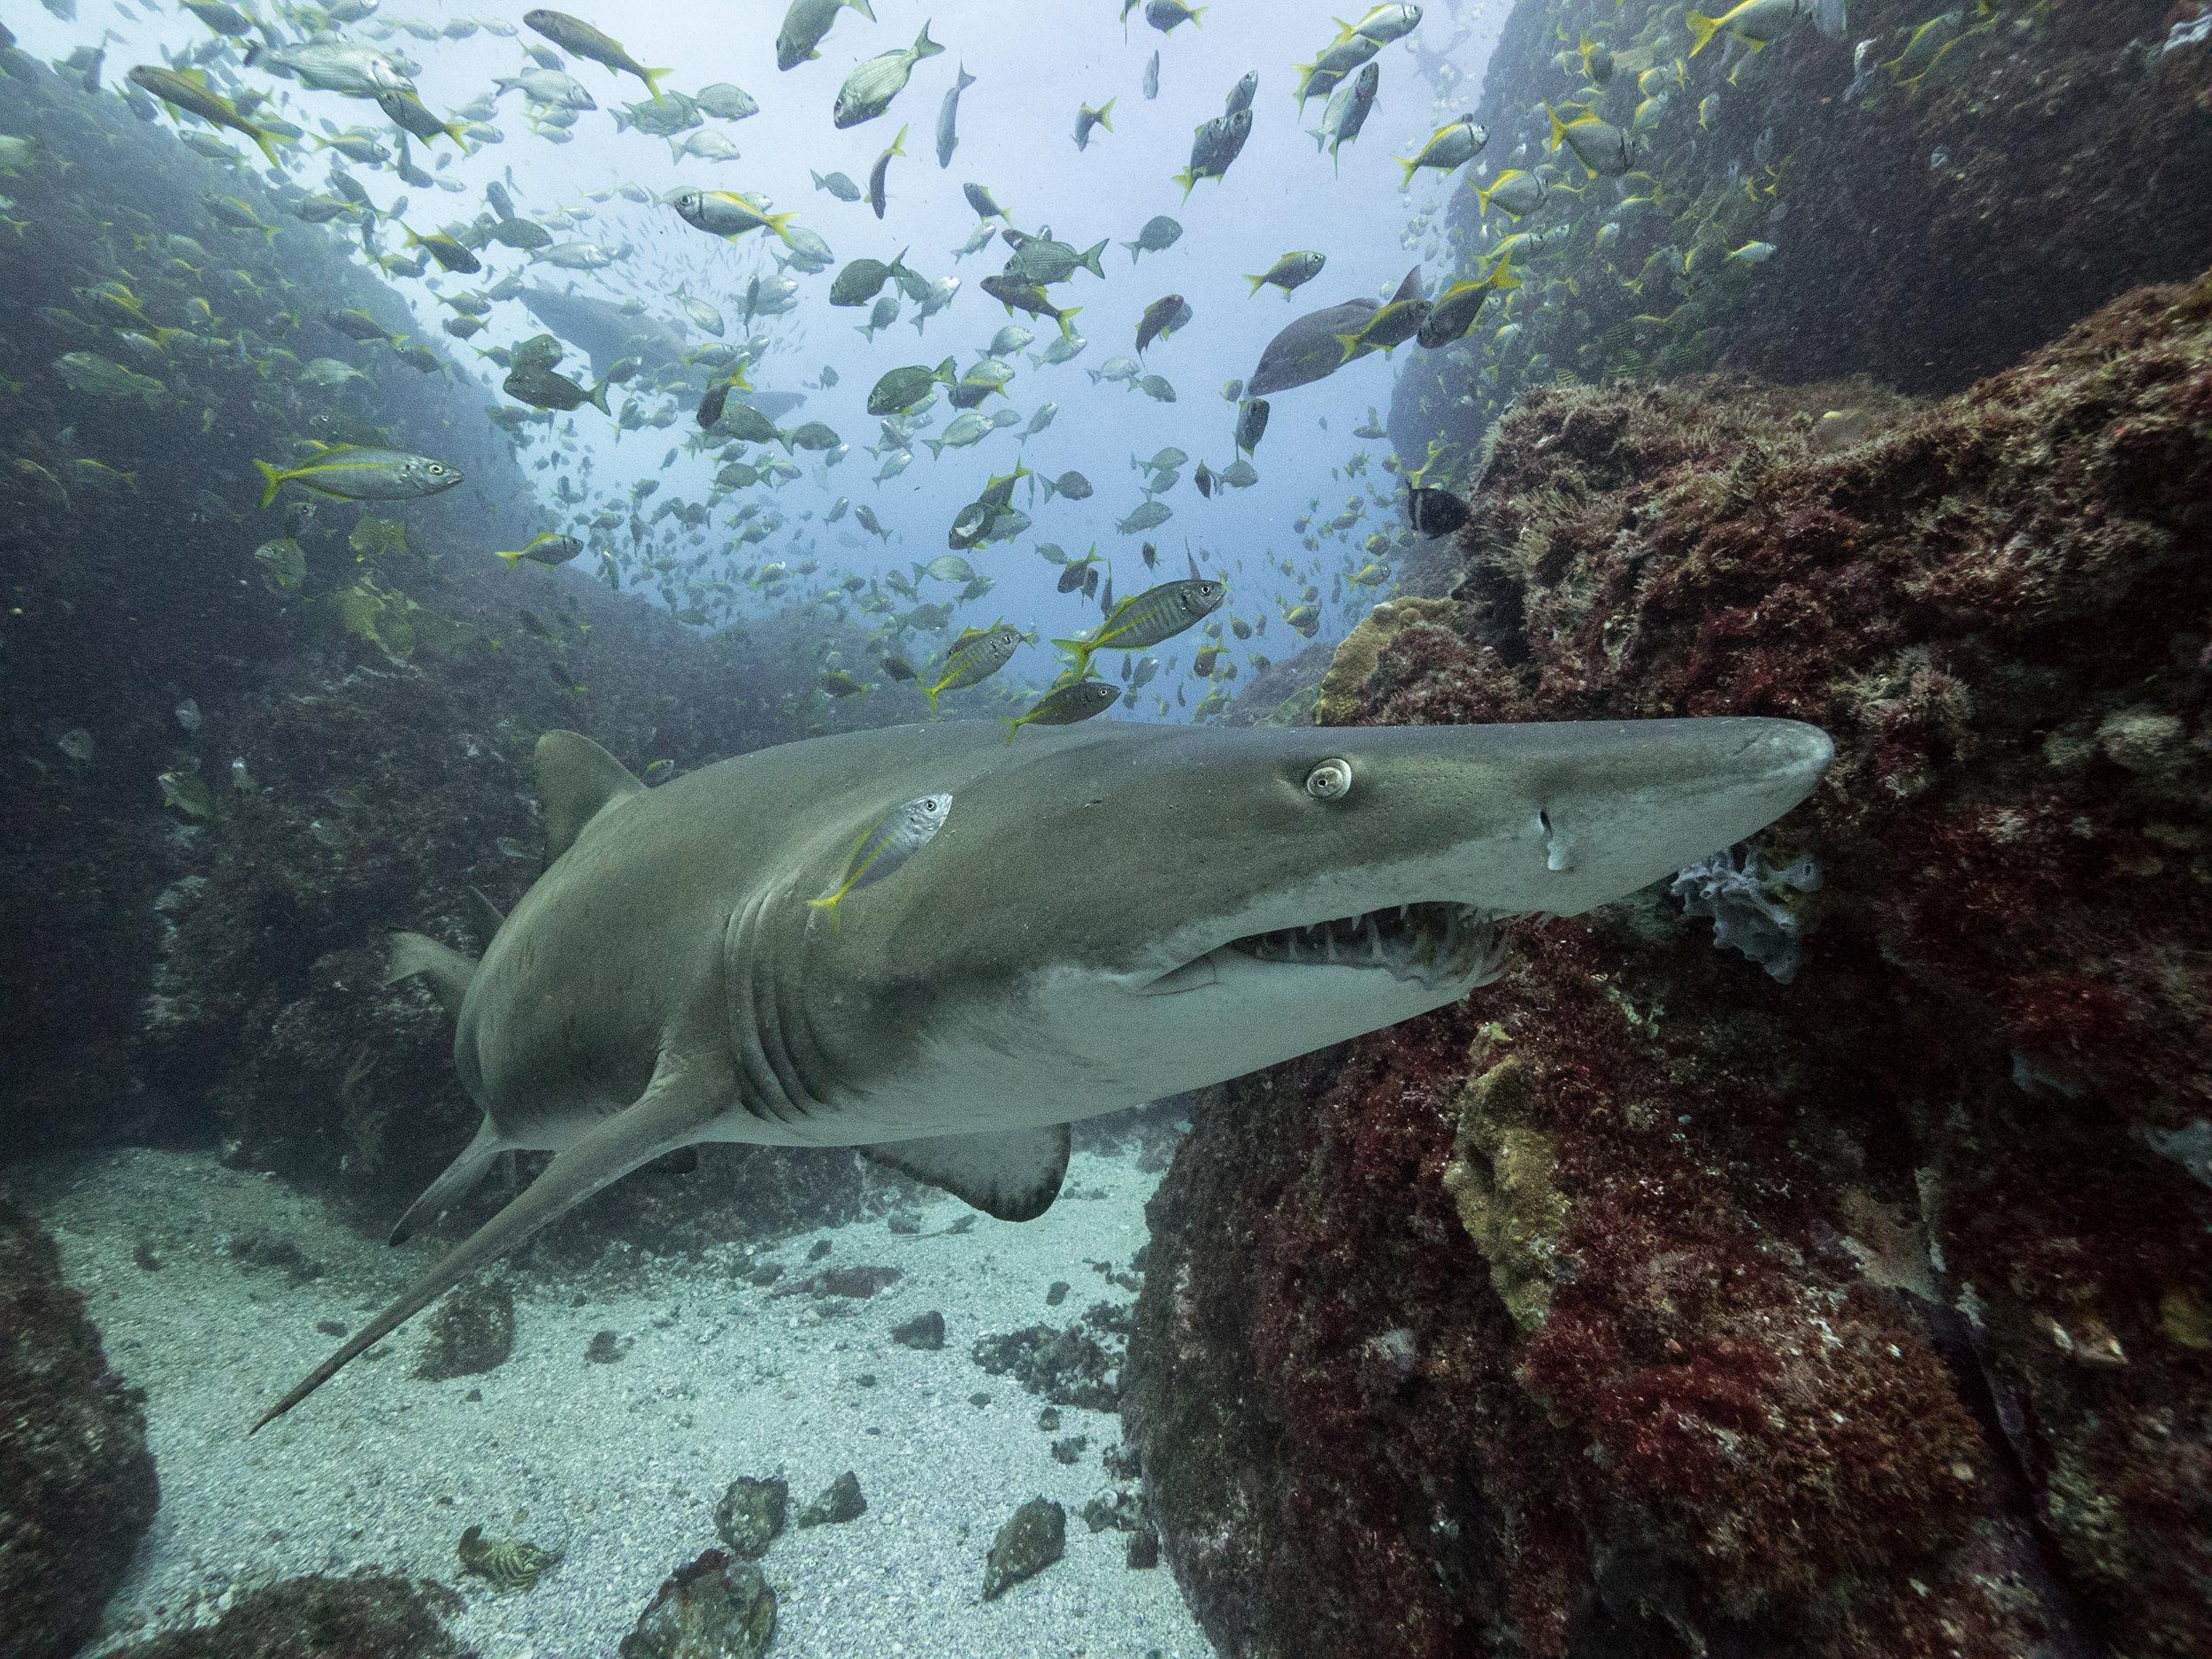 shark getdown freediving byron bay.jpg